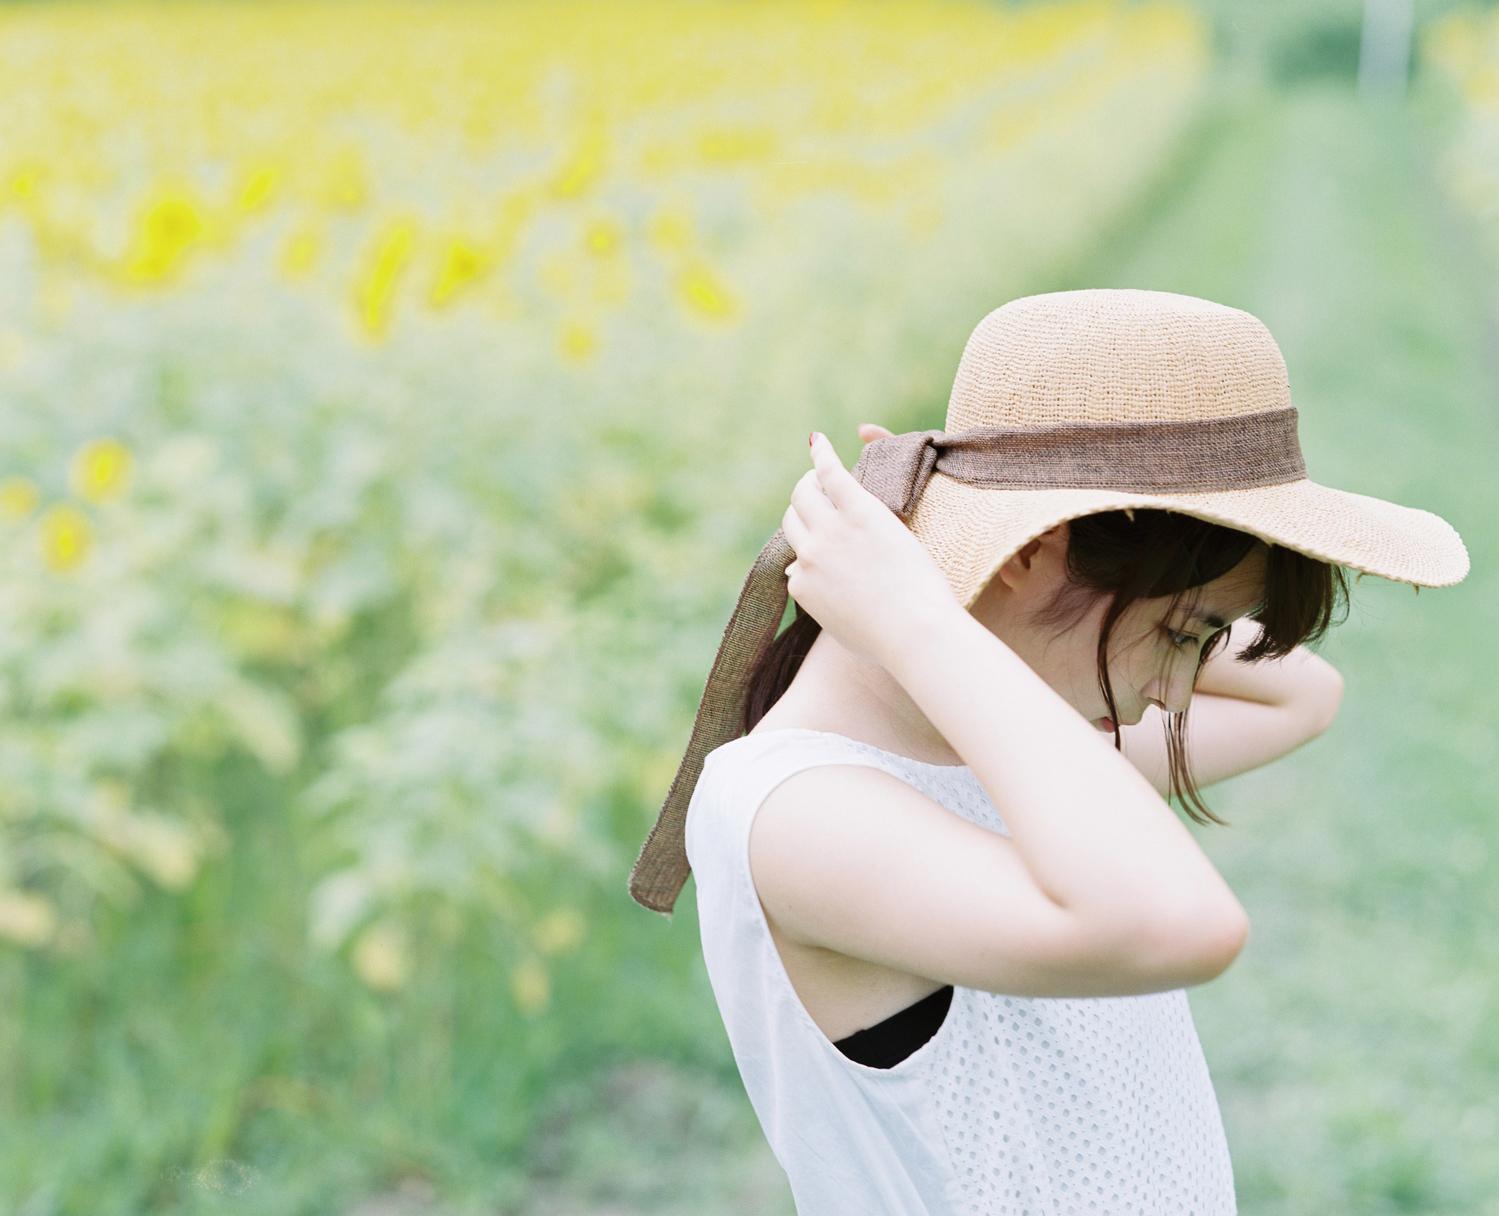 #小まめに帽子を脱ぐ